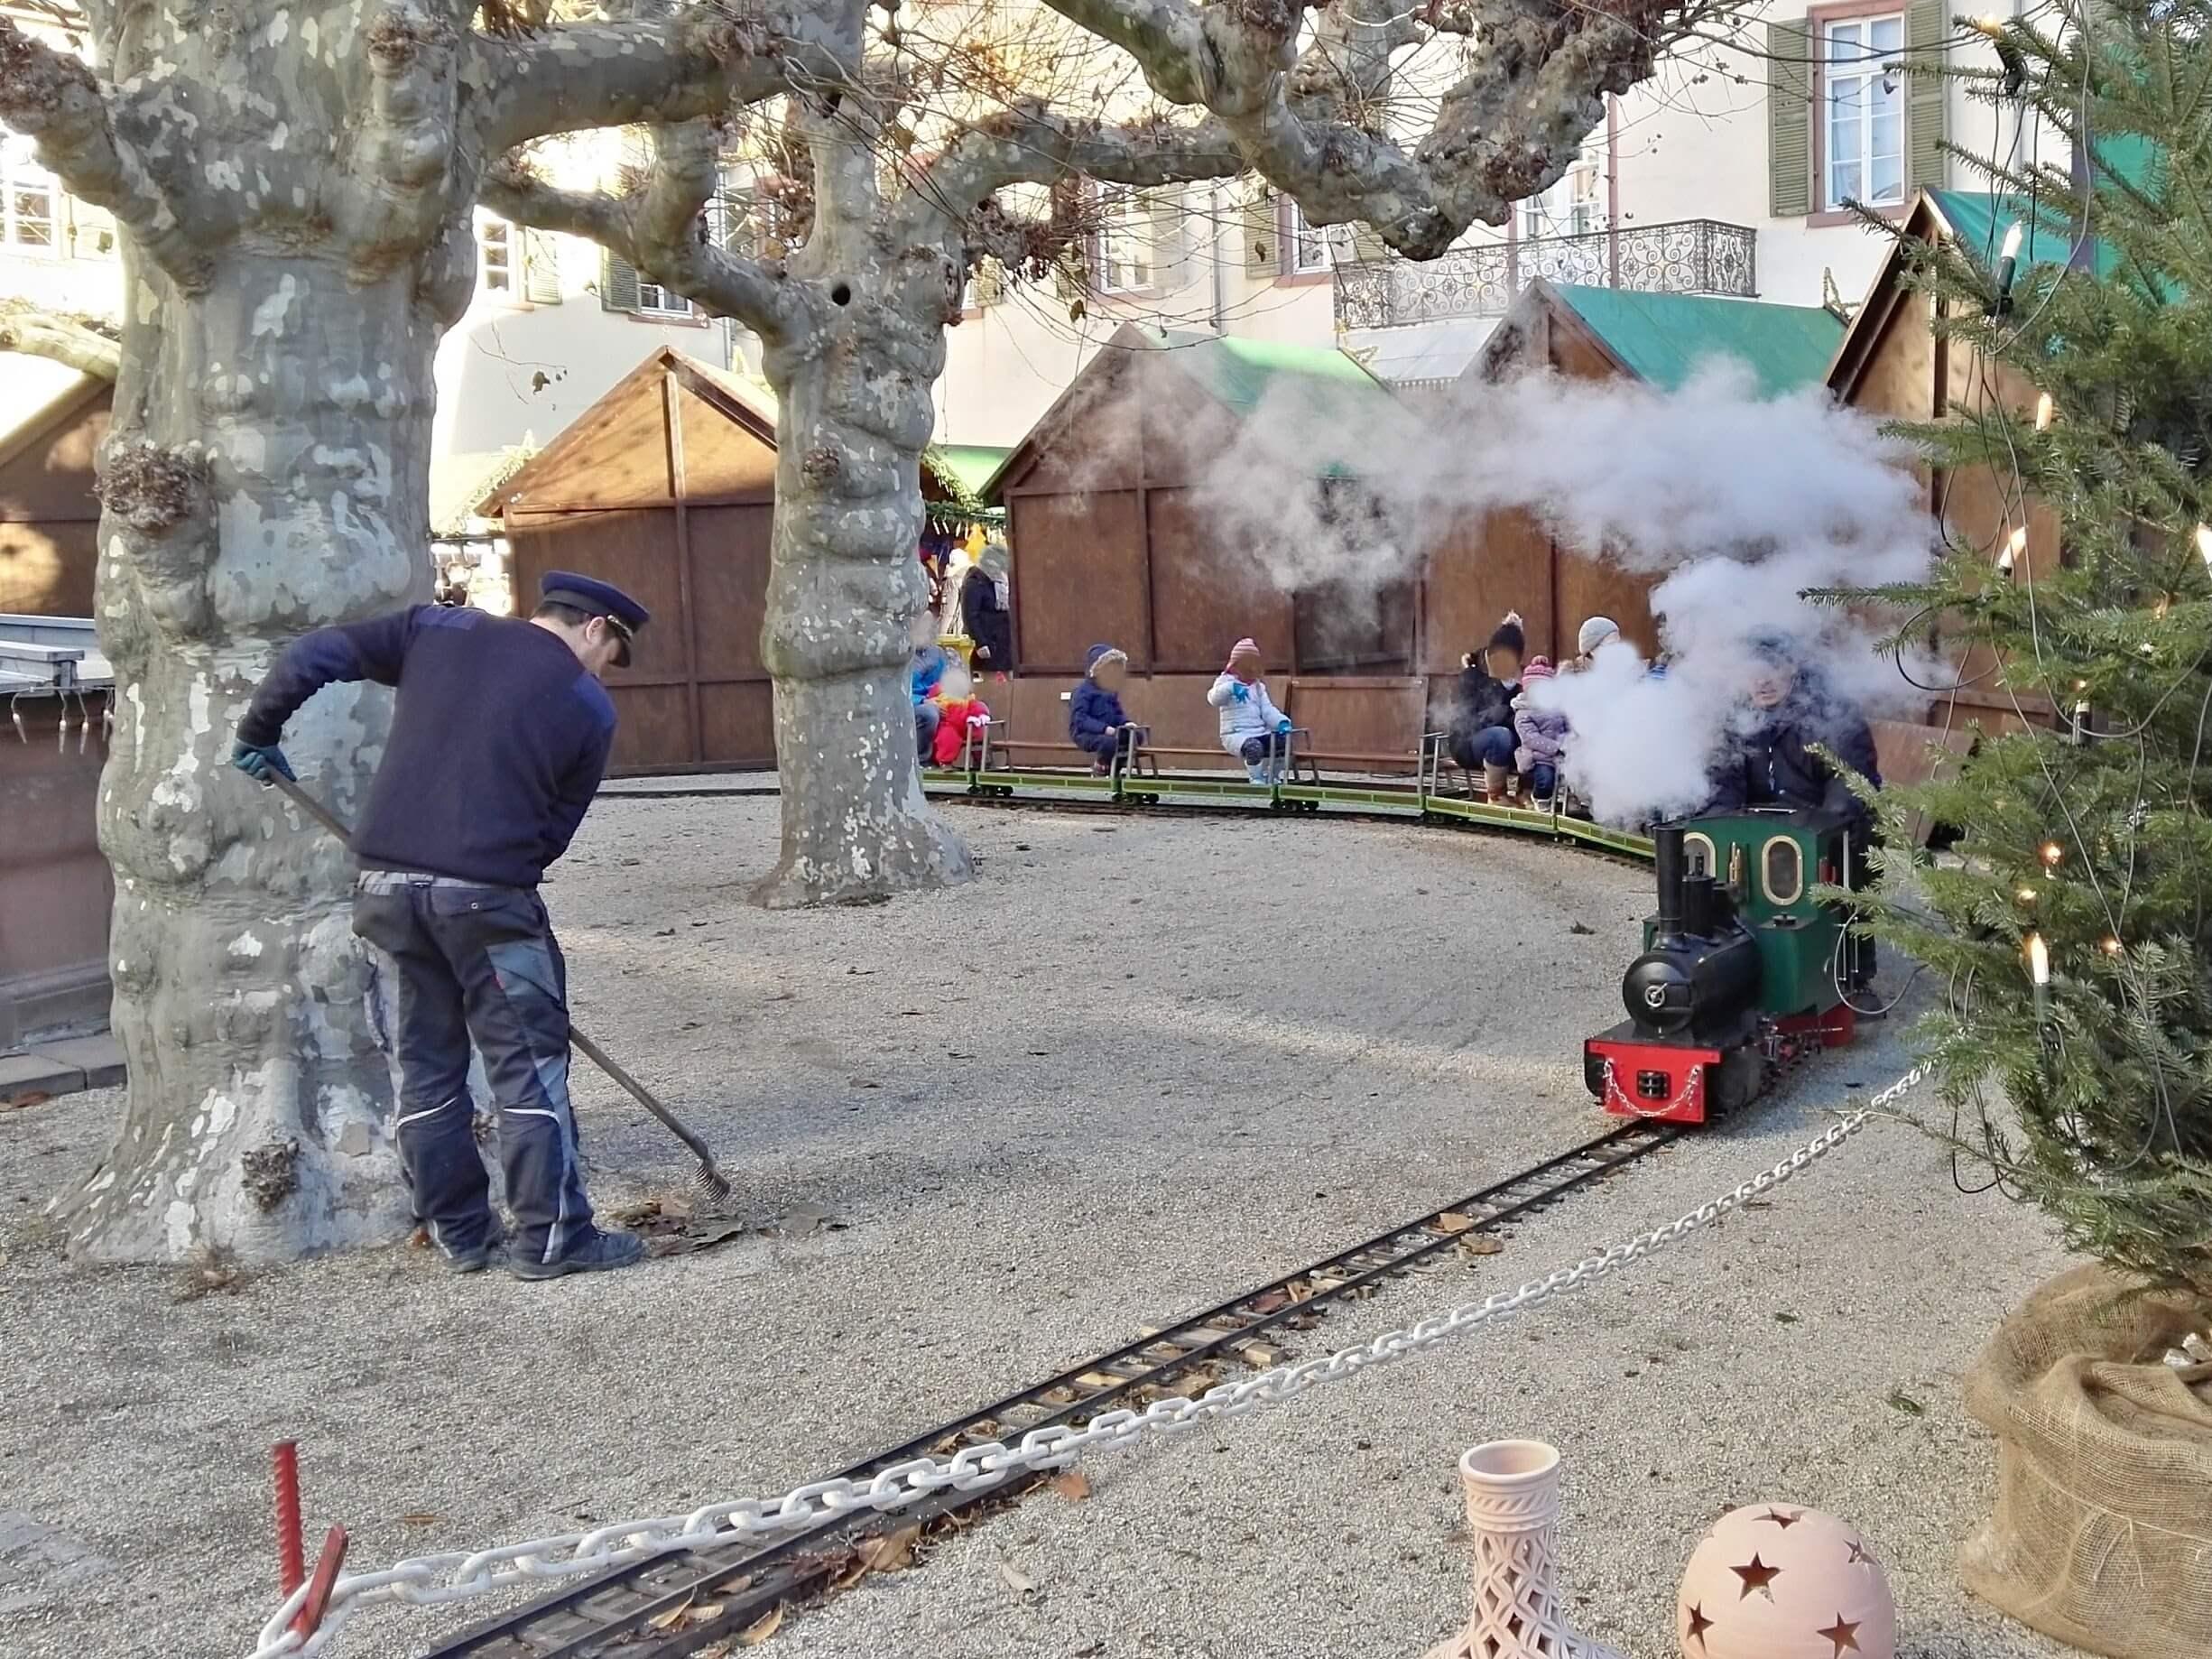 Dampfeisenbahn Weihnachtsmarkt Bad Homburg am Schloß